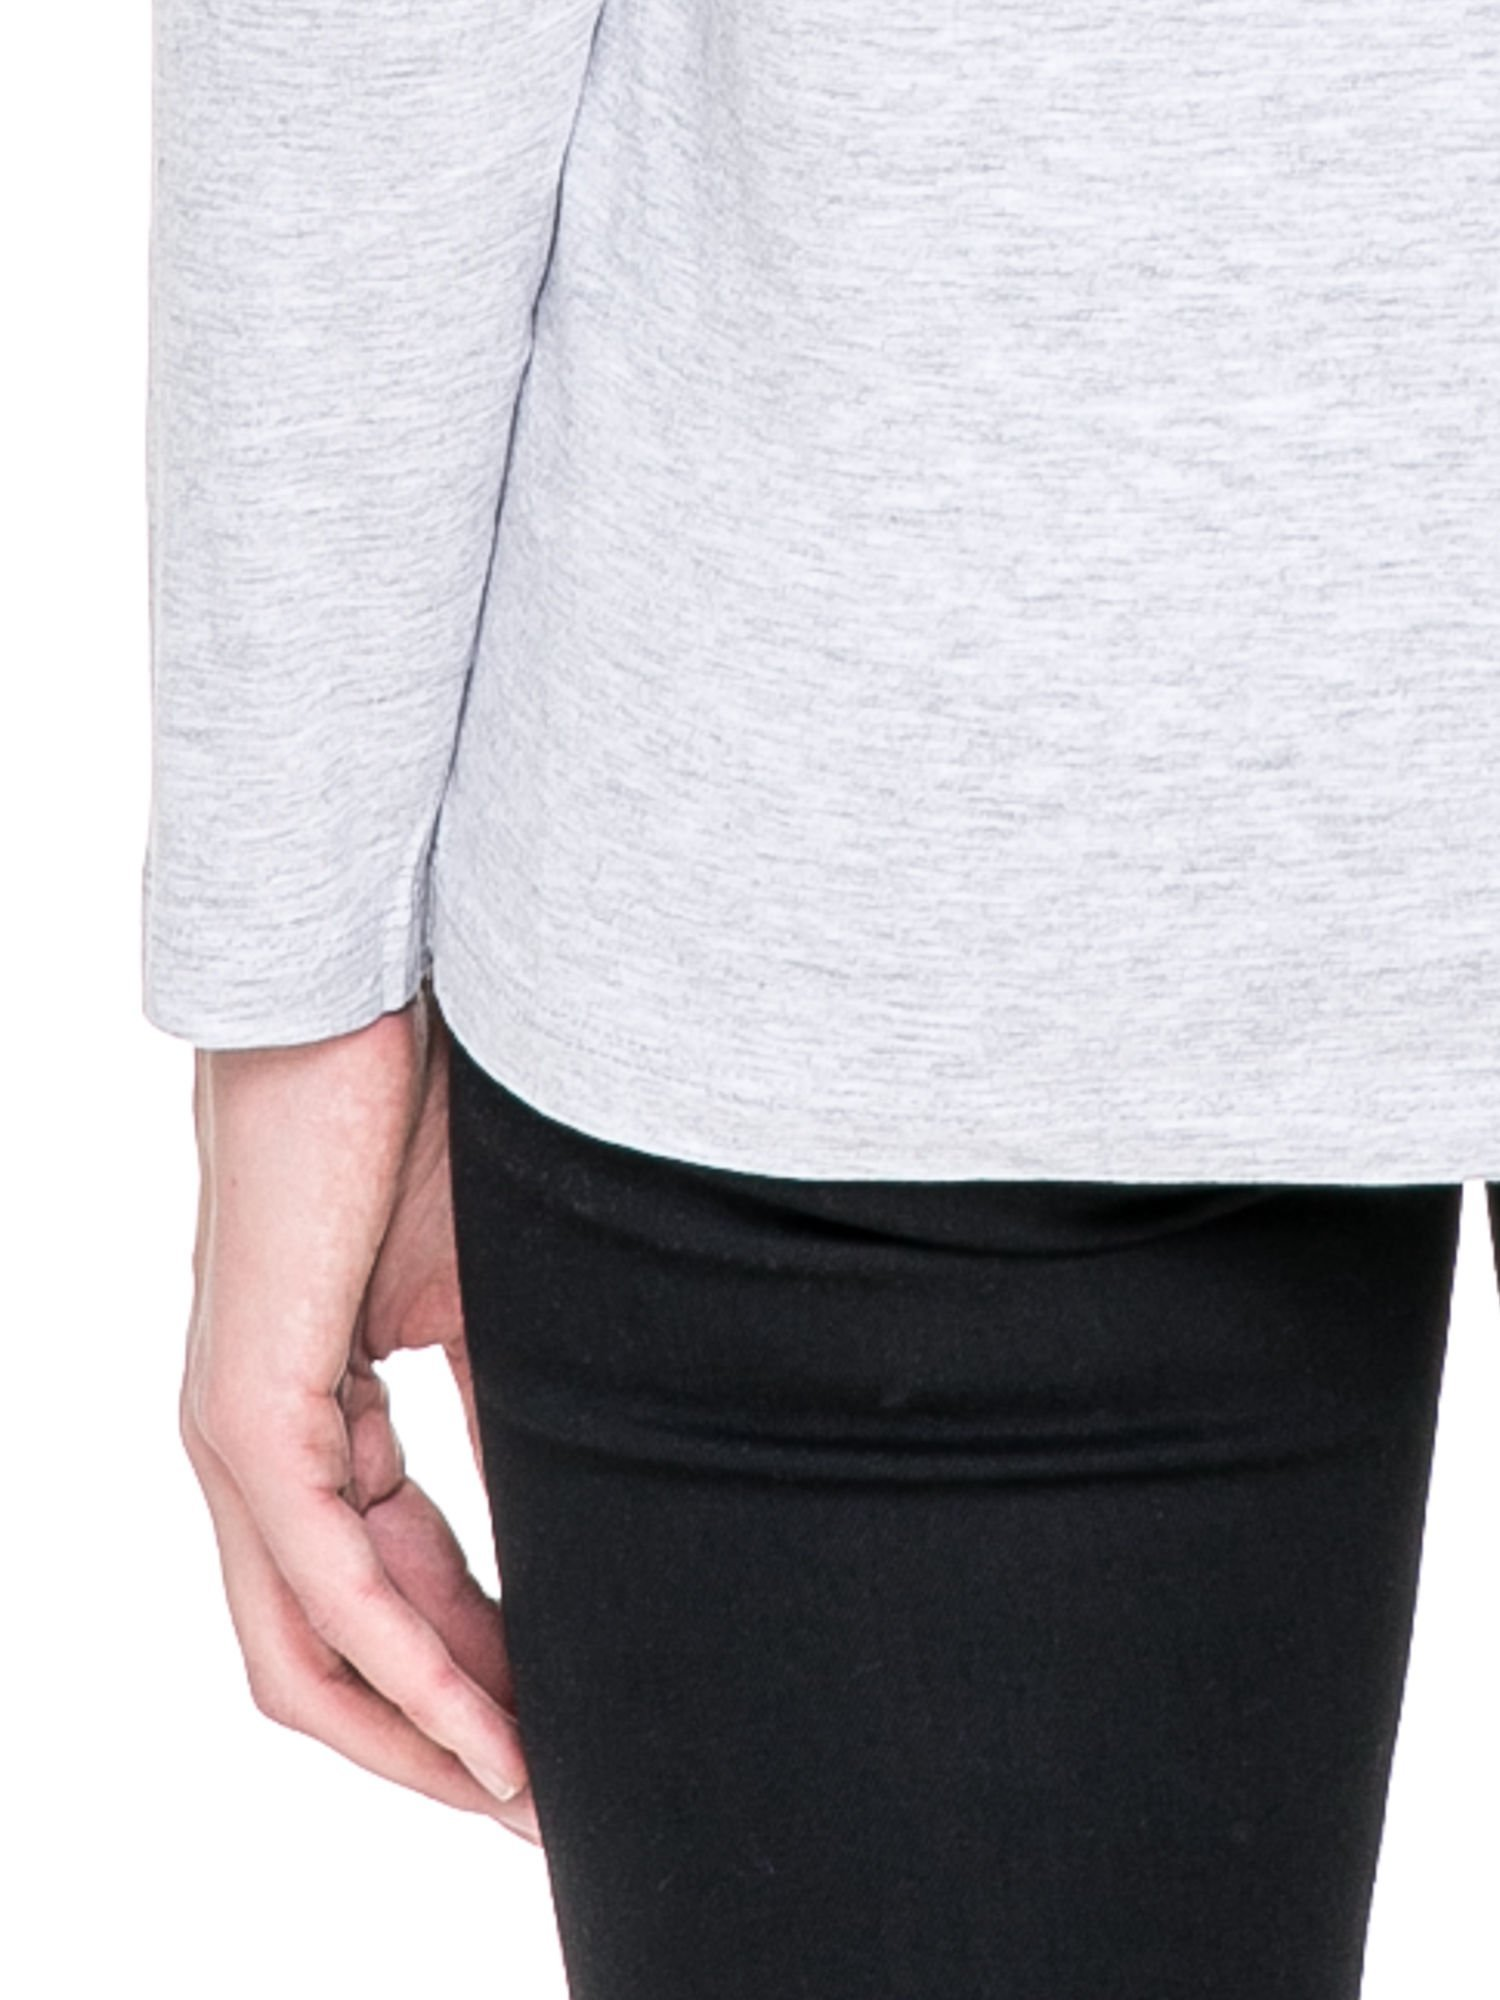 Jasnoszara bluzka z koronkową wstawką na rękawach i z tyłu                                  zdj.                                  6